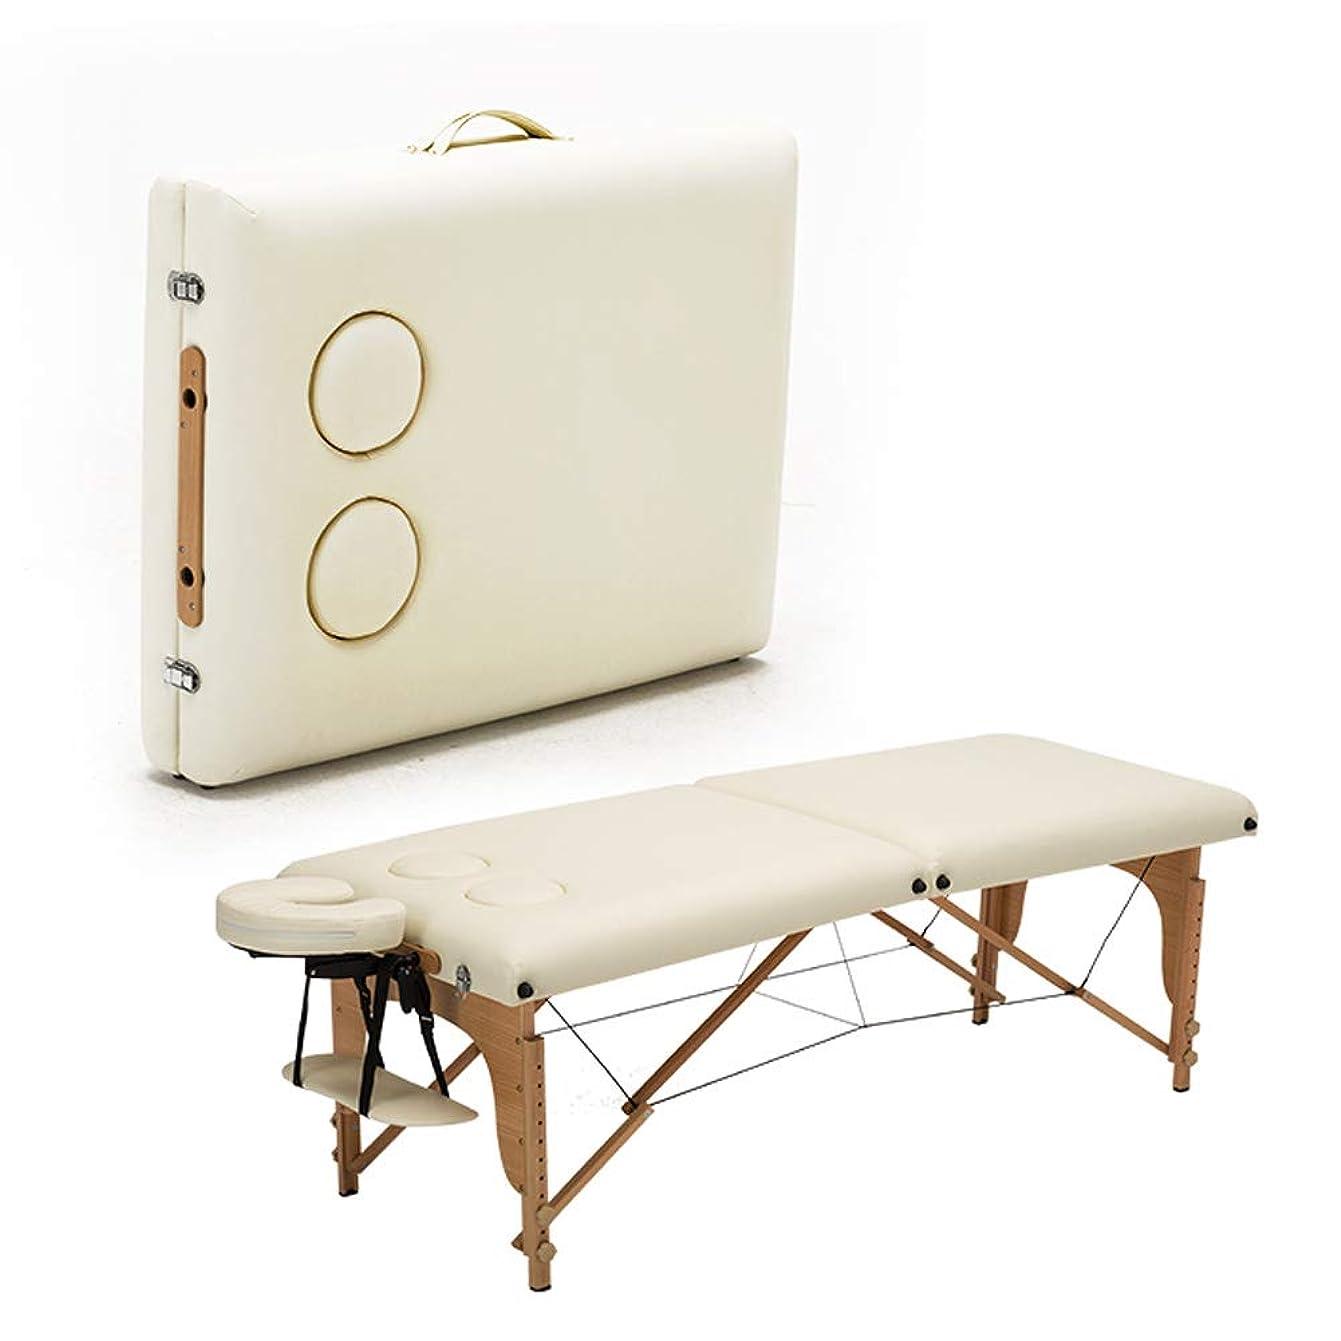 悪意蛇行赤道木製折りたたみマッサージベッド、プロの高級軽量ポータブル美容テーブルソファ、サロン、レイキ